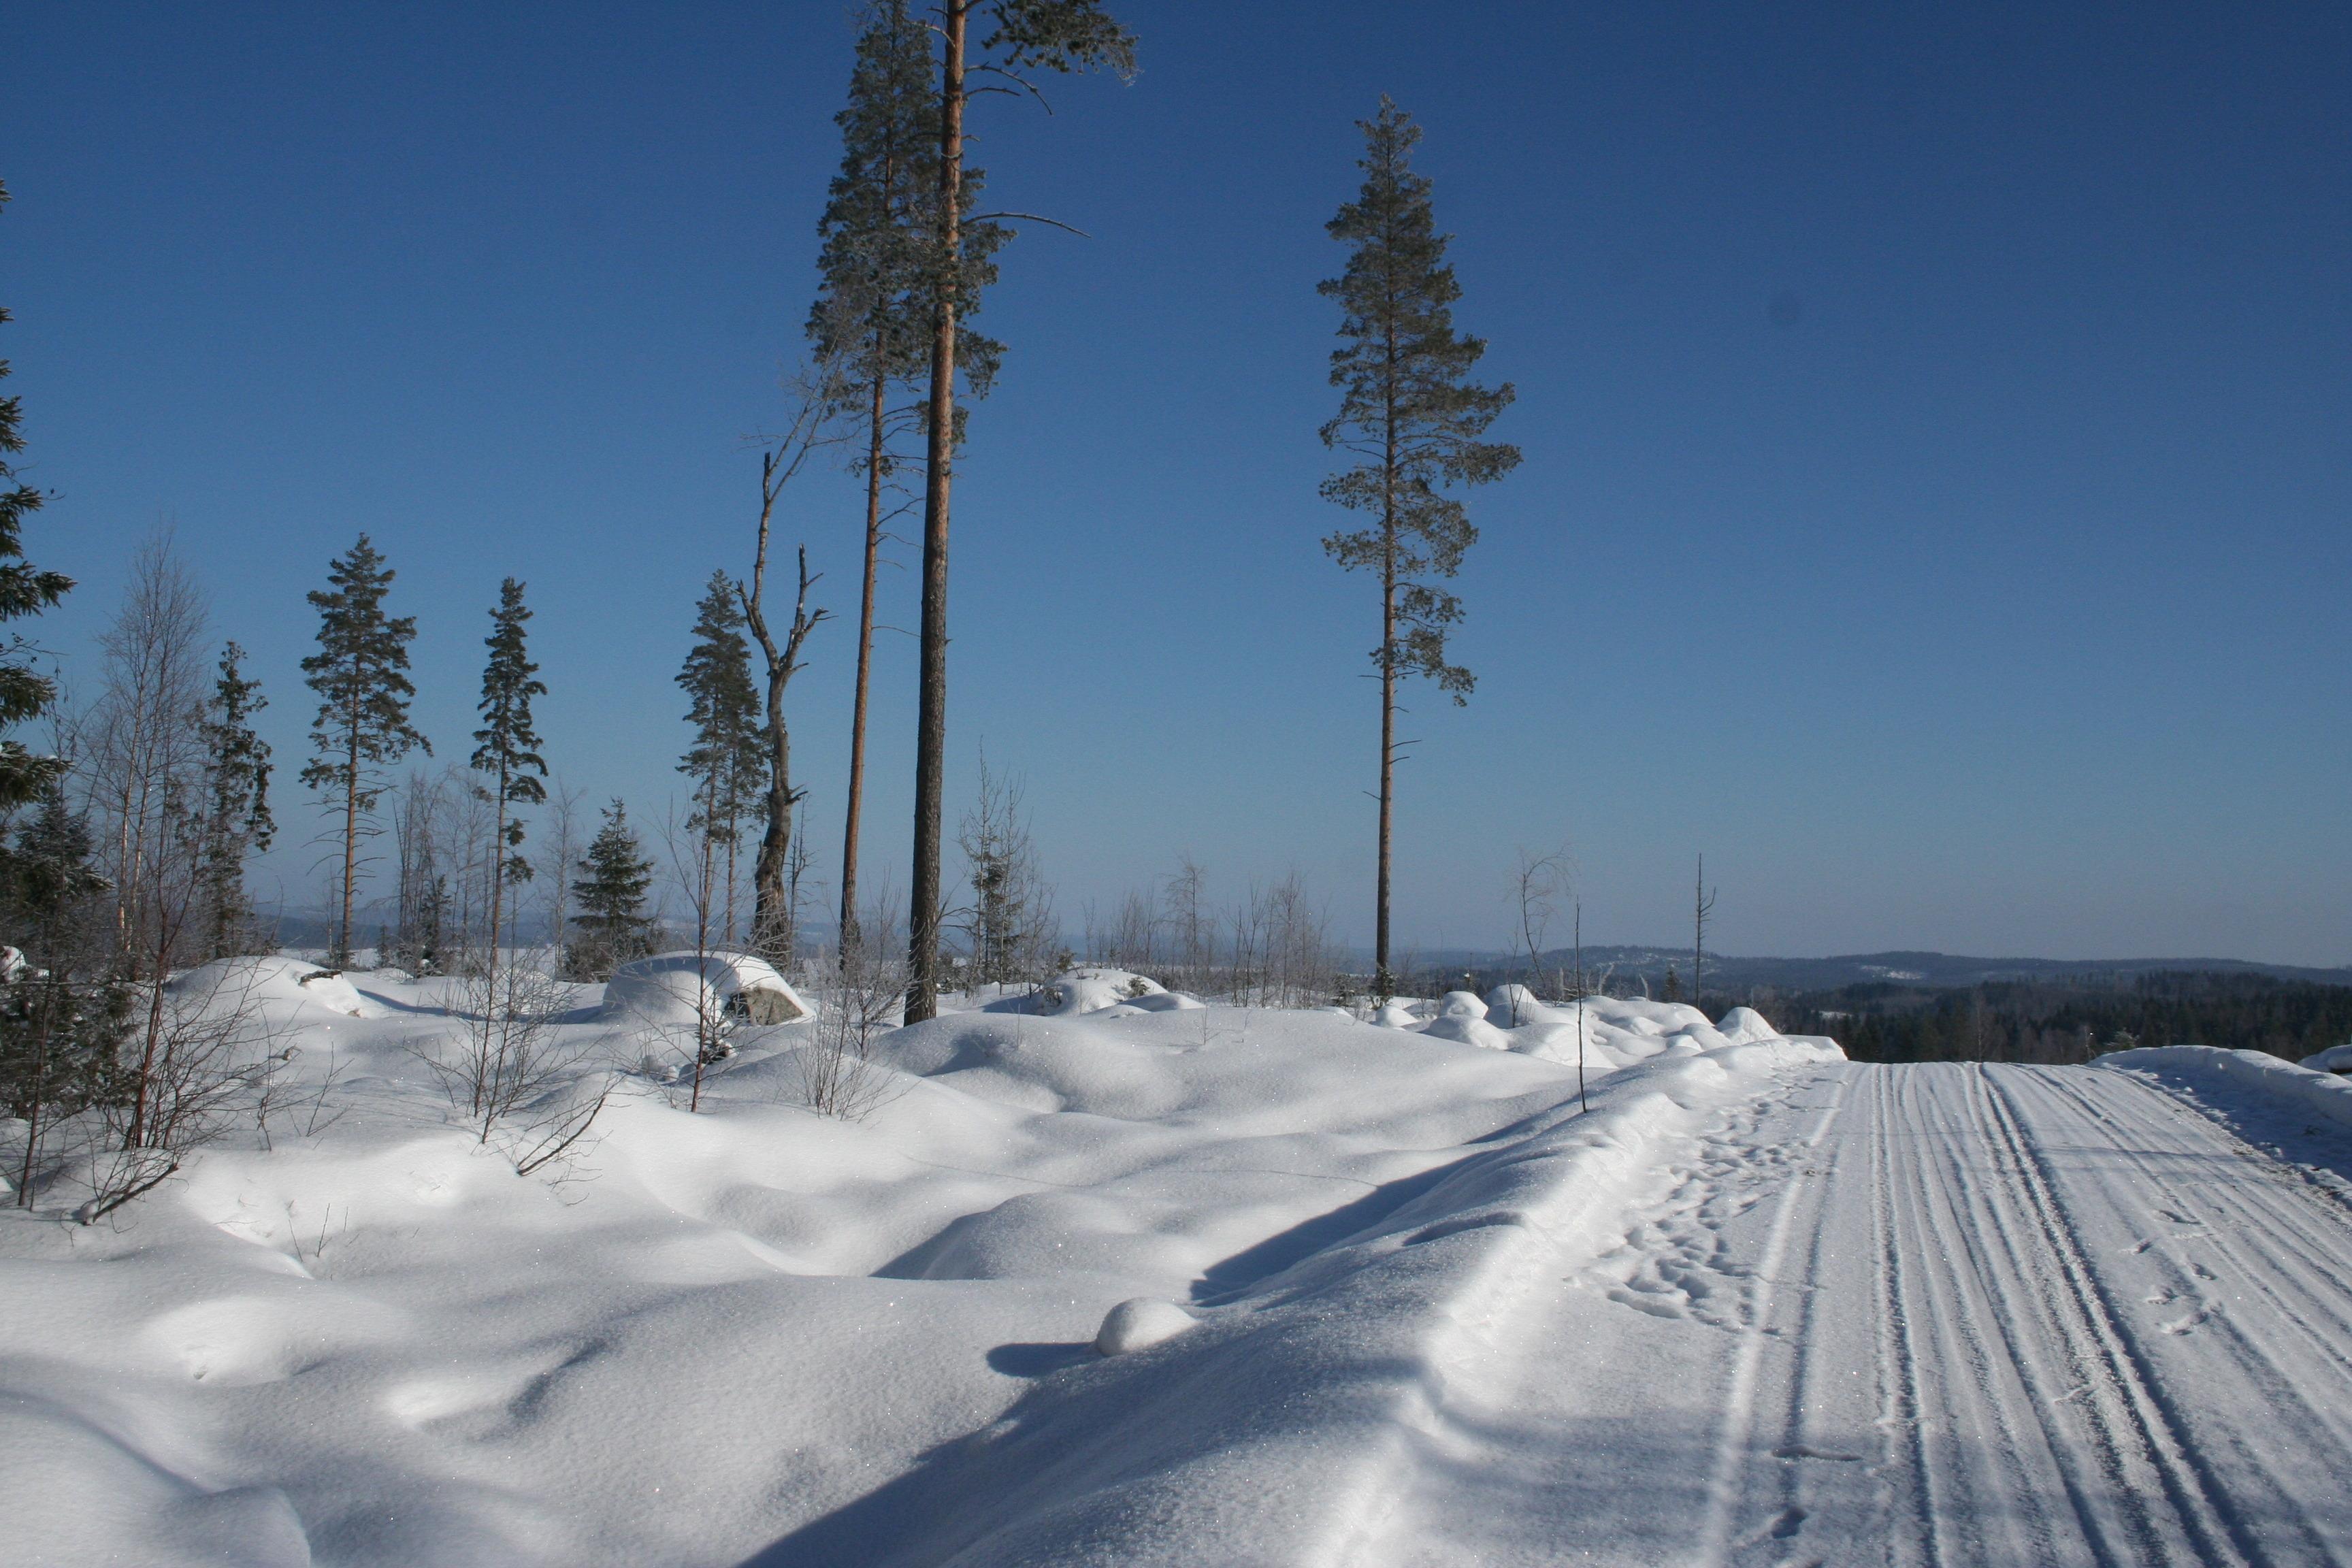 Бесплатная фотография Зима Озеро Лед Наледь Ветки